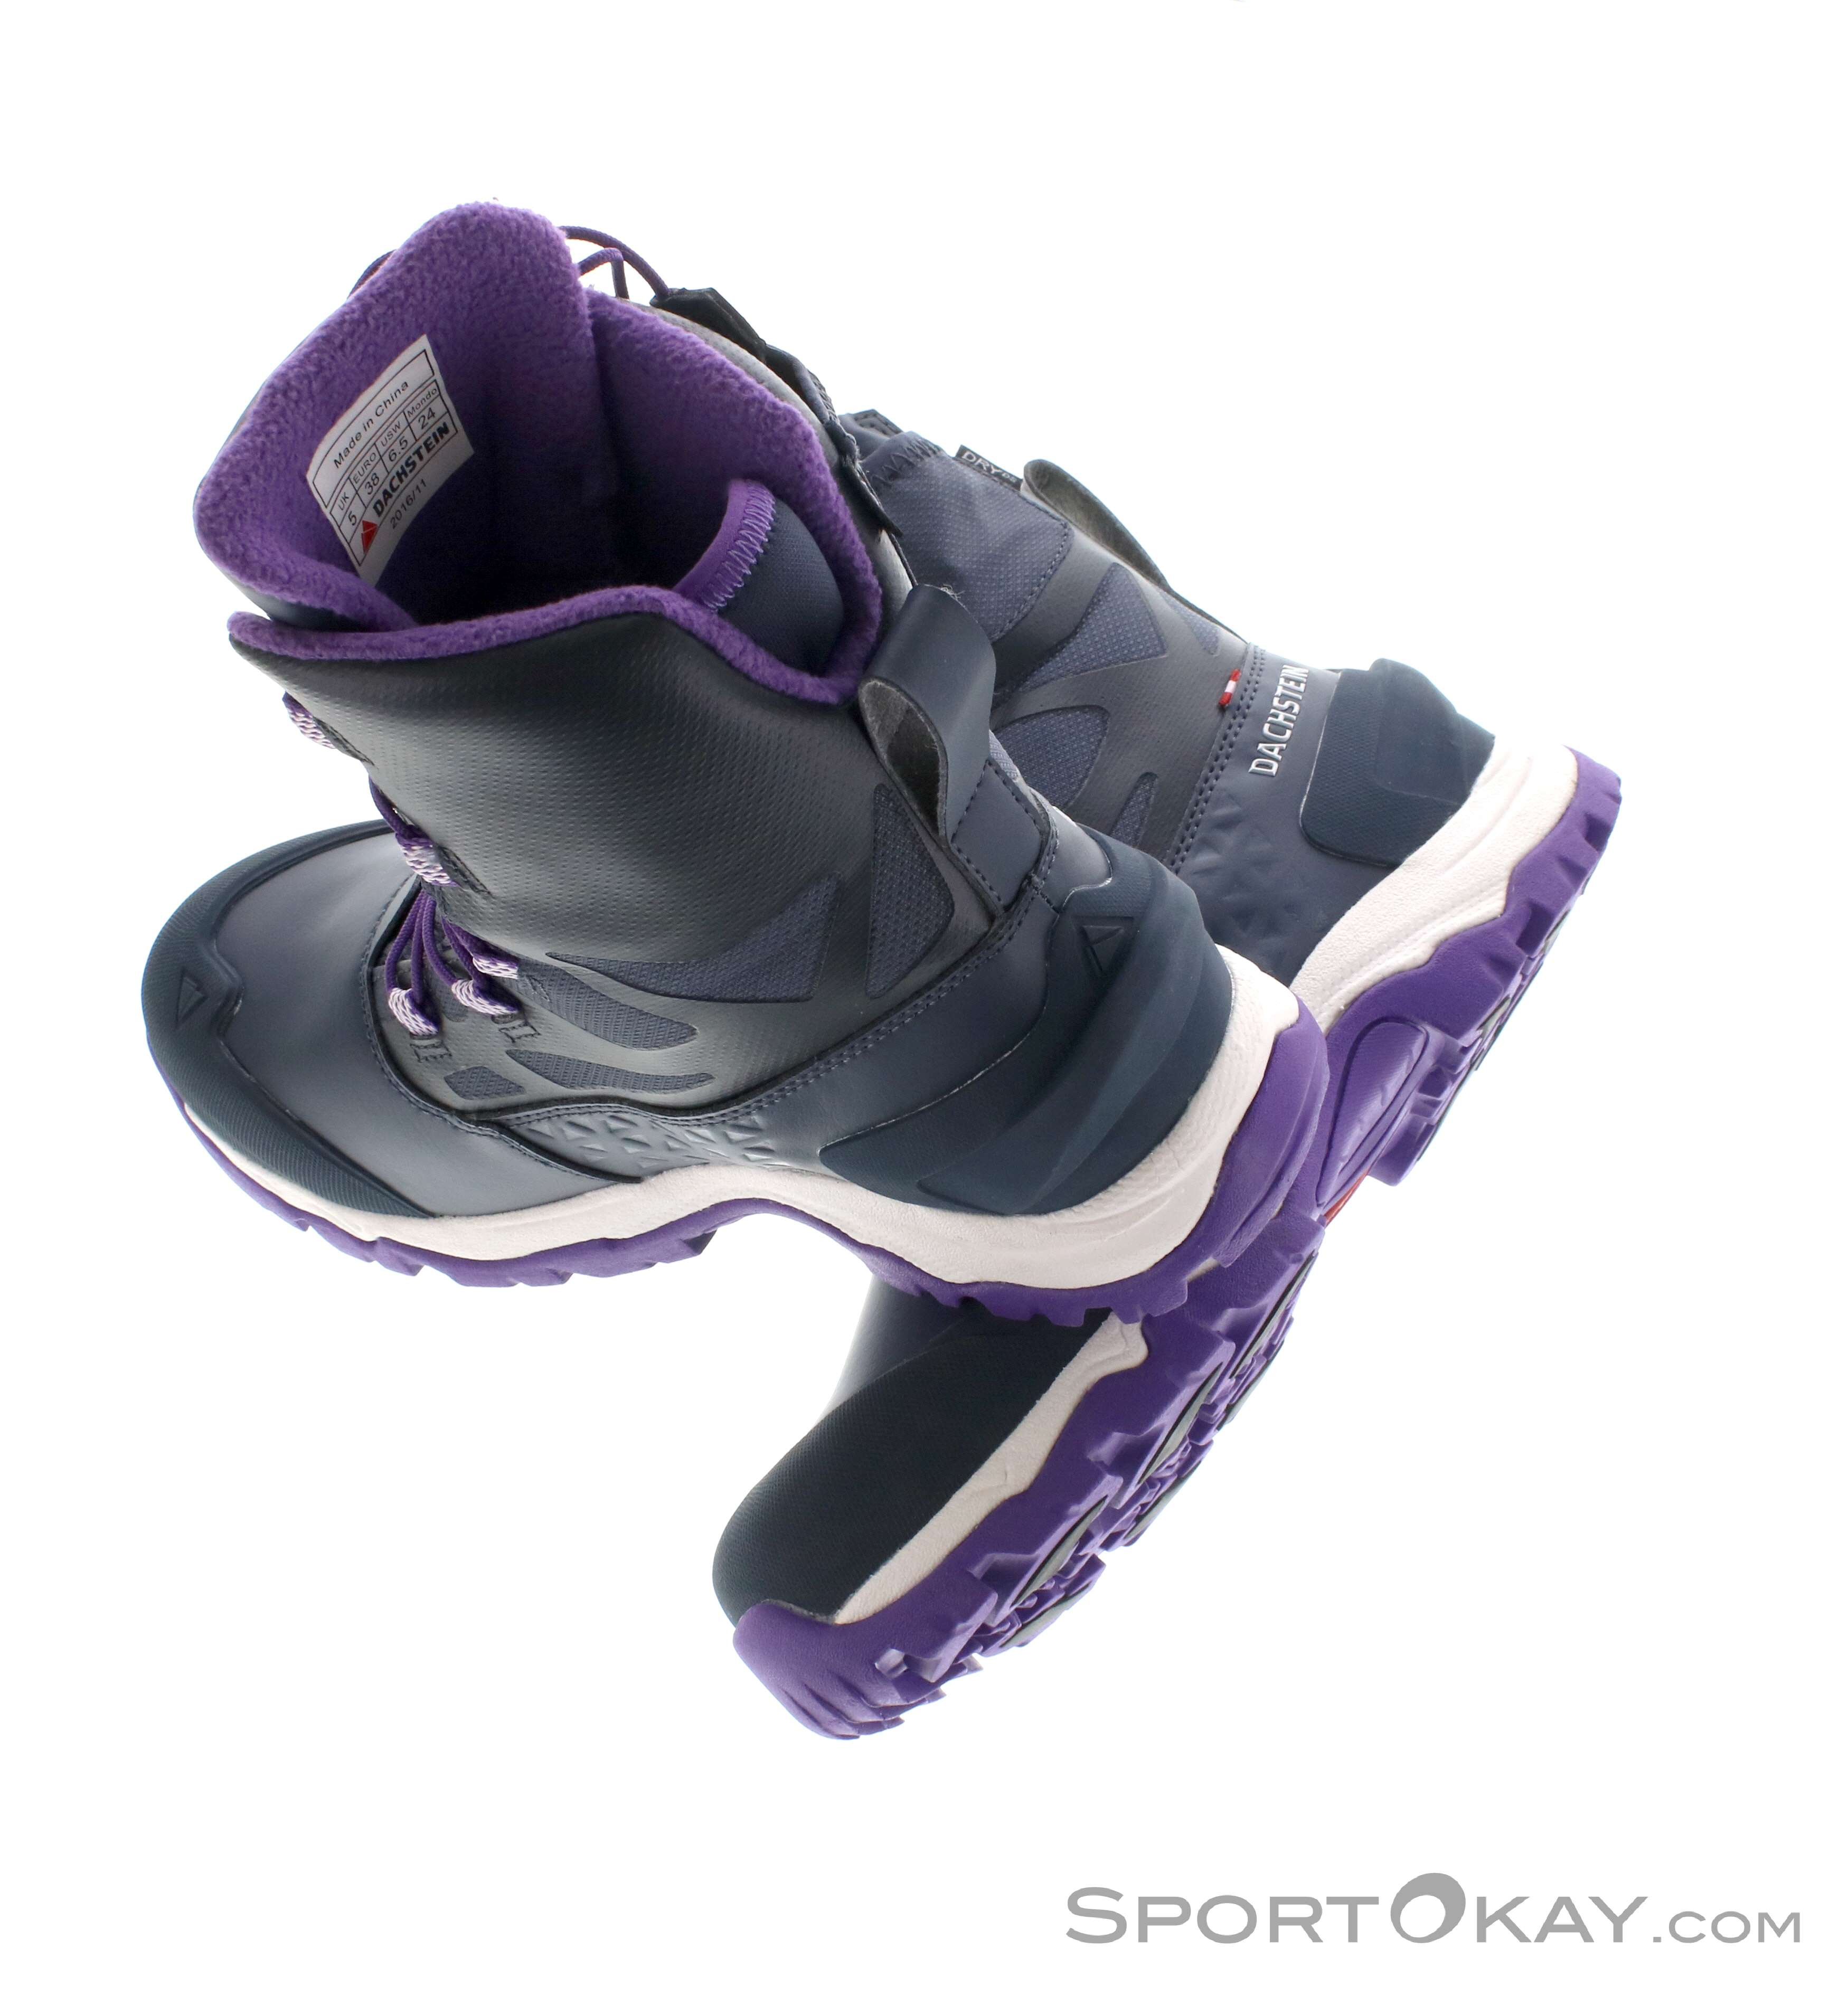 Dachstein Dachstein Schneespur 2.0 DDS Womens Winter Shoes